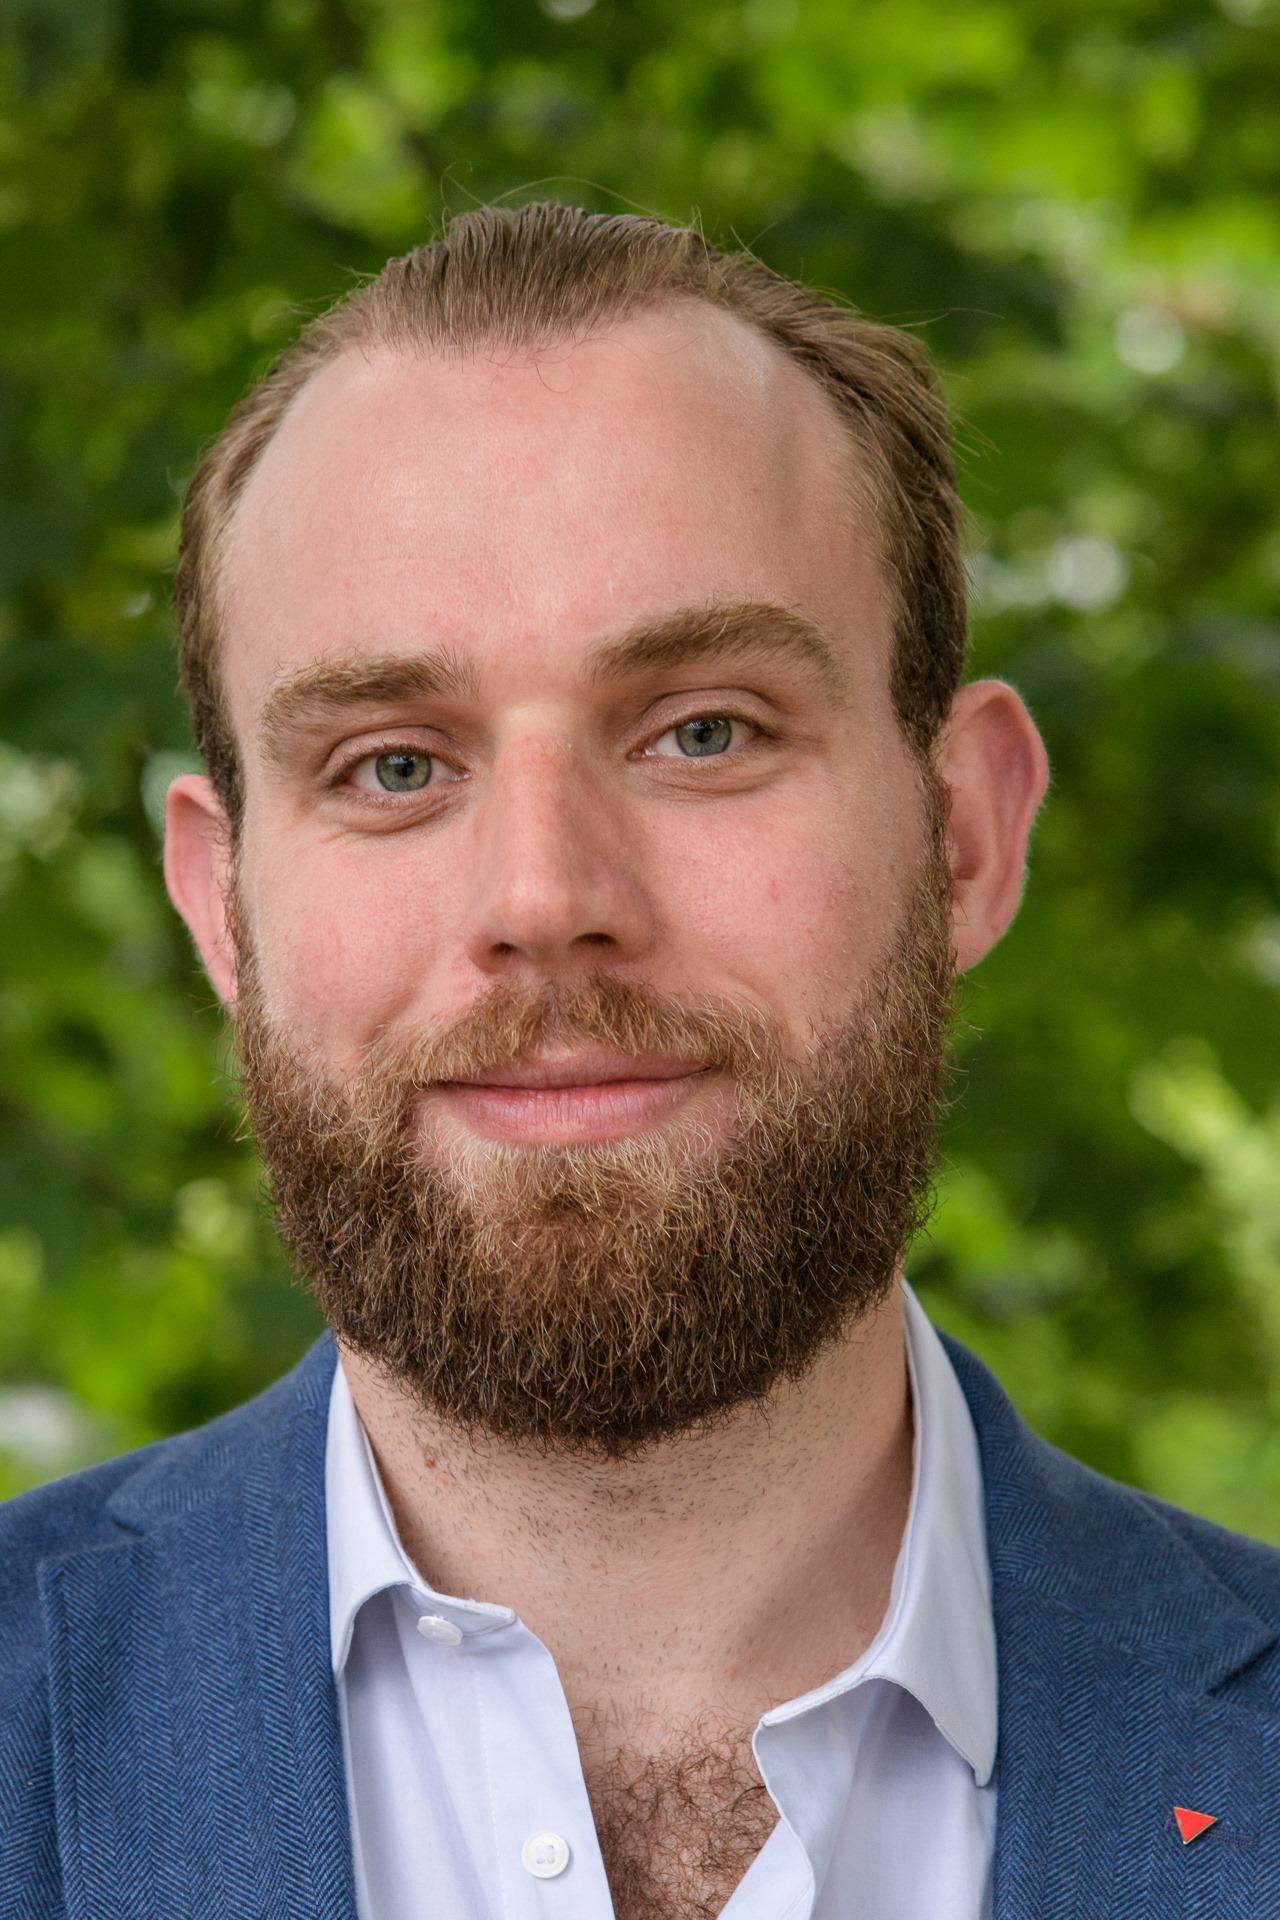 L'Union élit un nouveau conseil d'administration et réélit Thomas Gillet à la Présidence